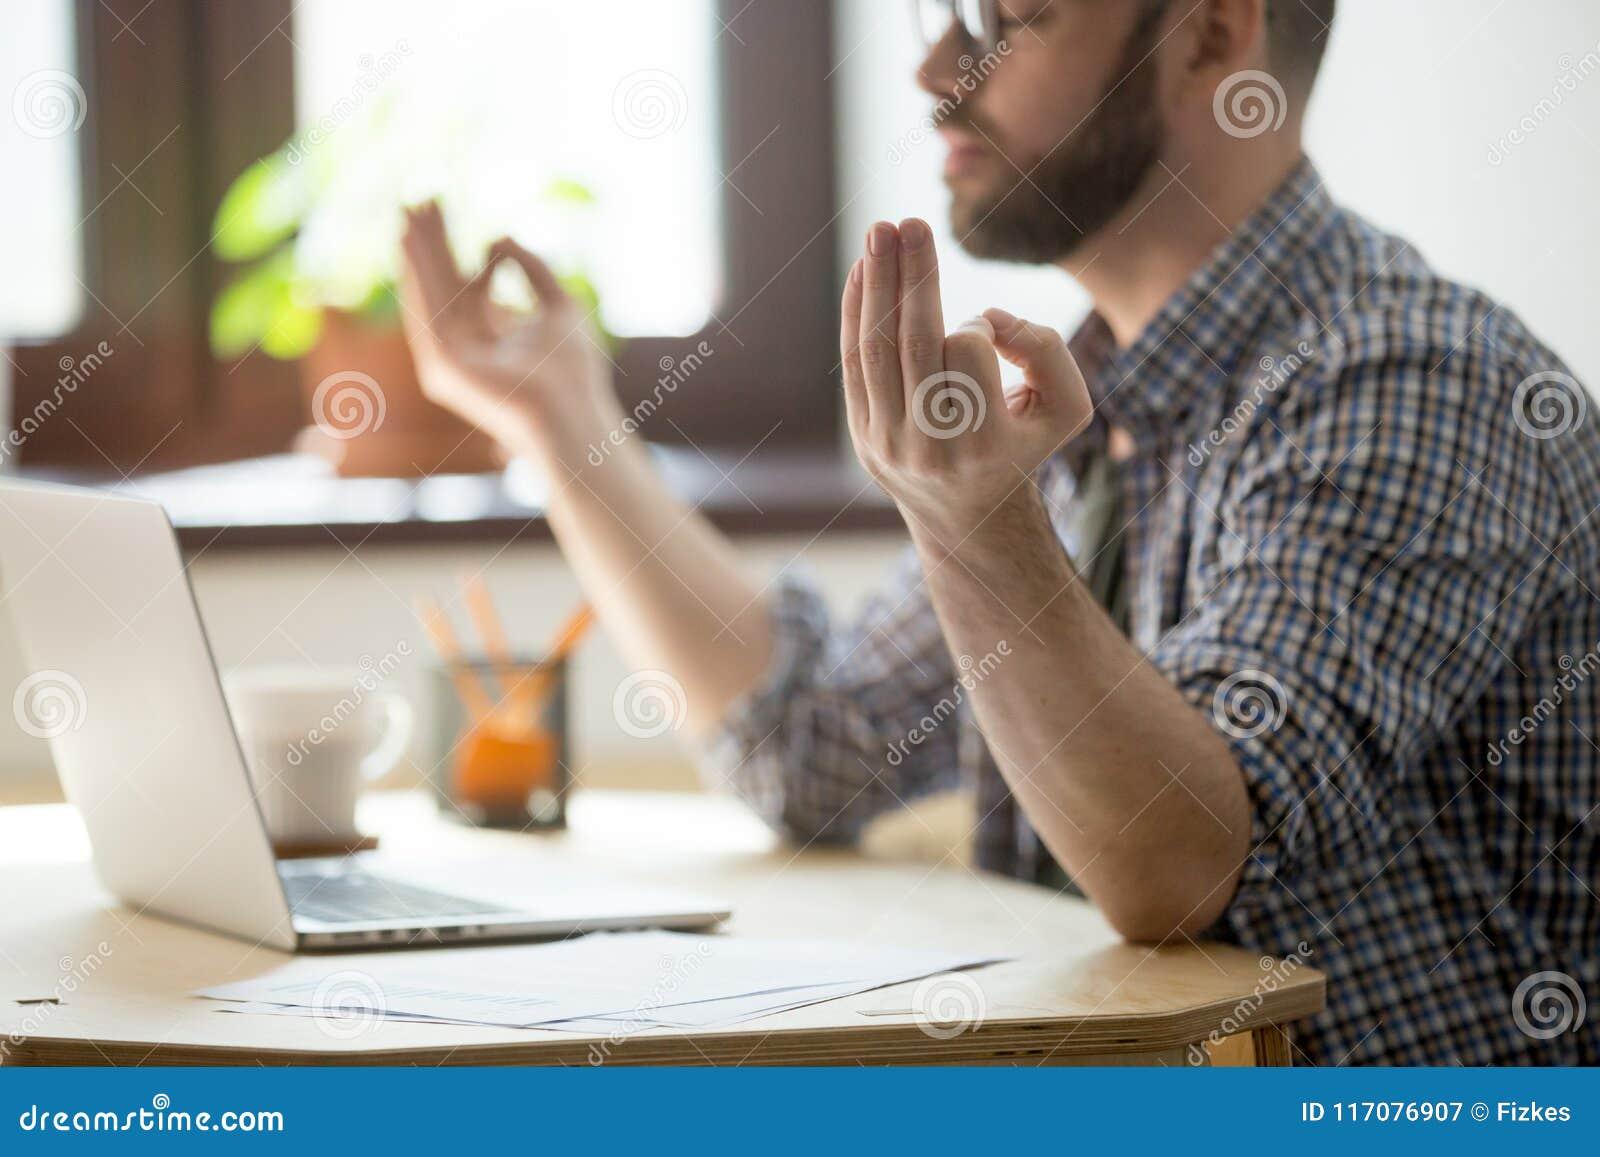 El meditar masculino concentrado en la oficina que alivia la tensión